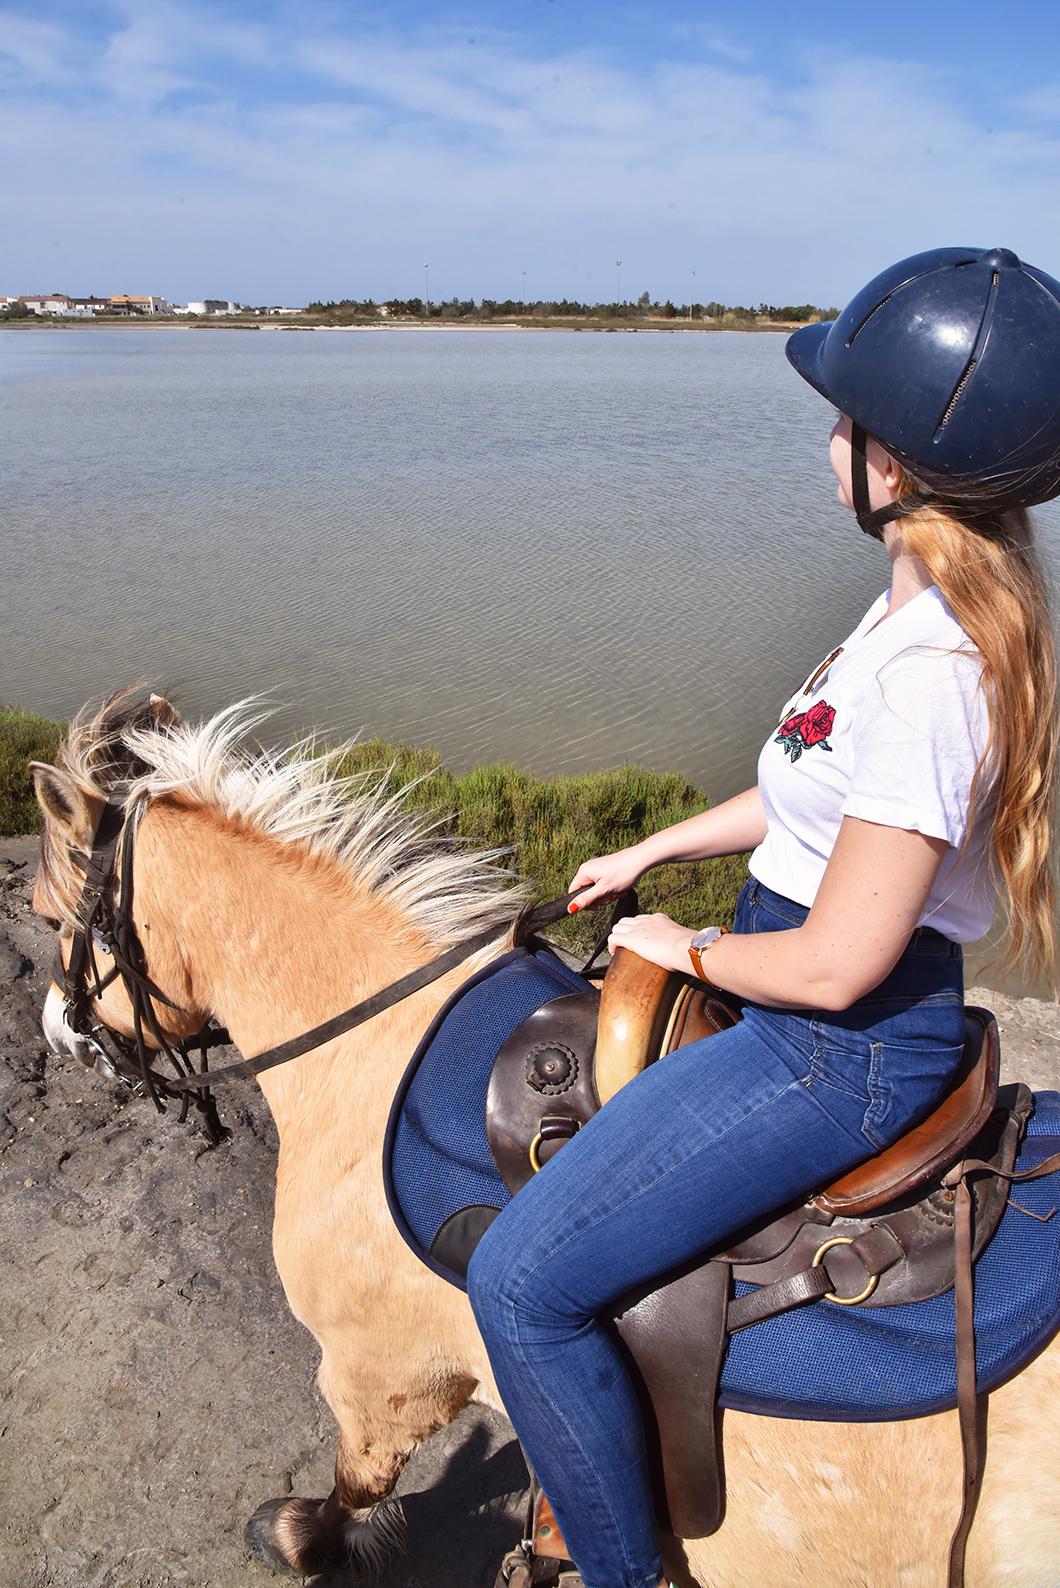 Balade à cheval, top des activités en Camargue